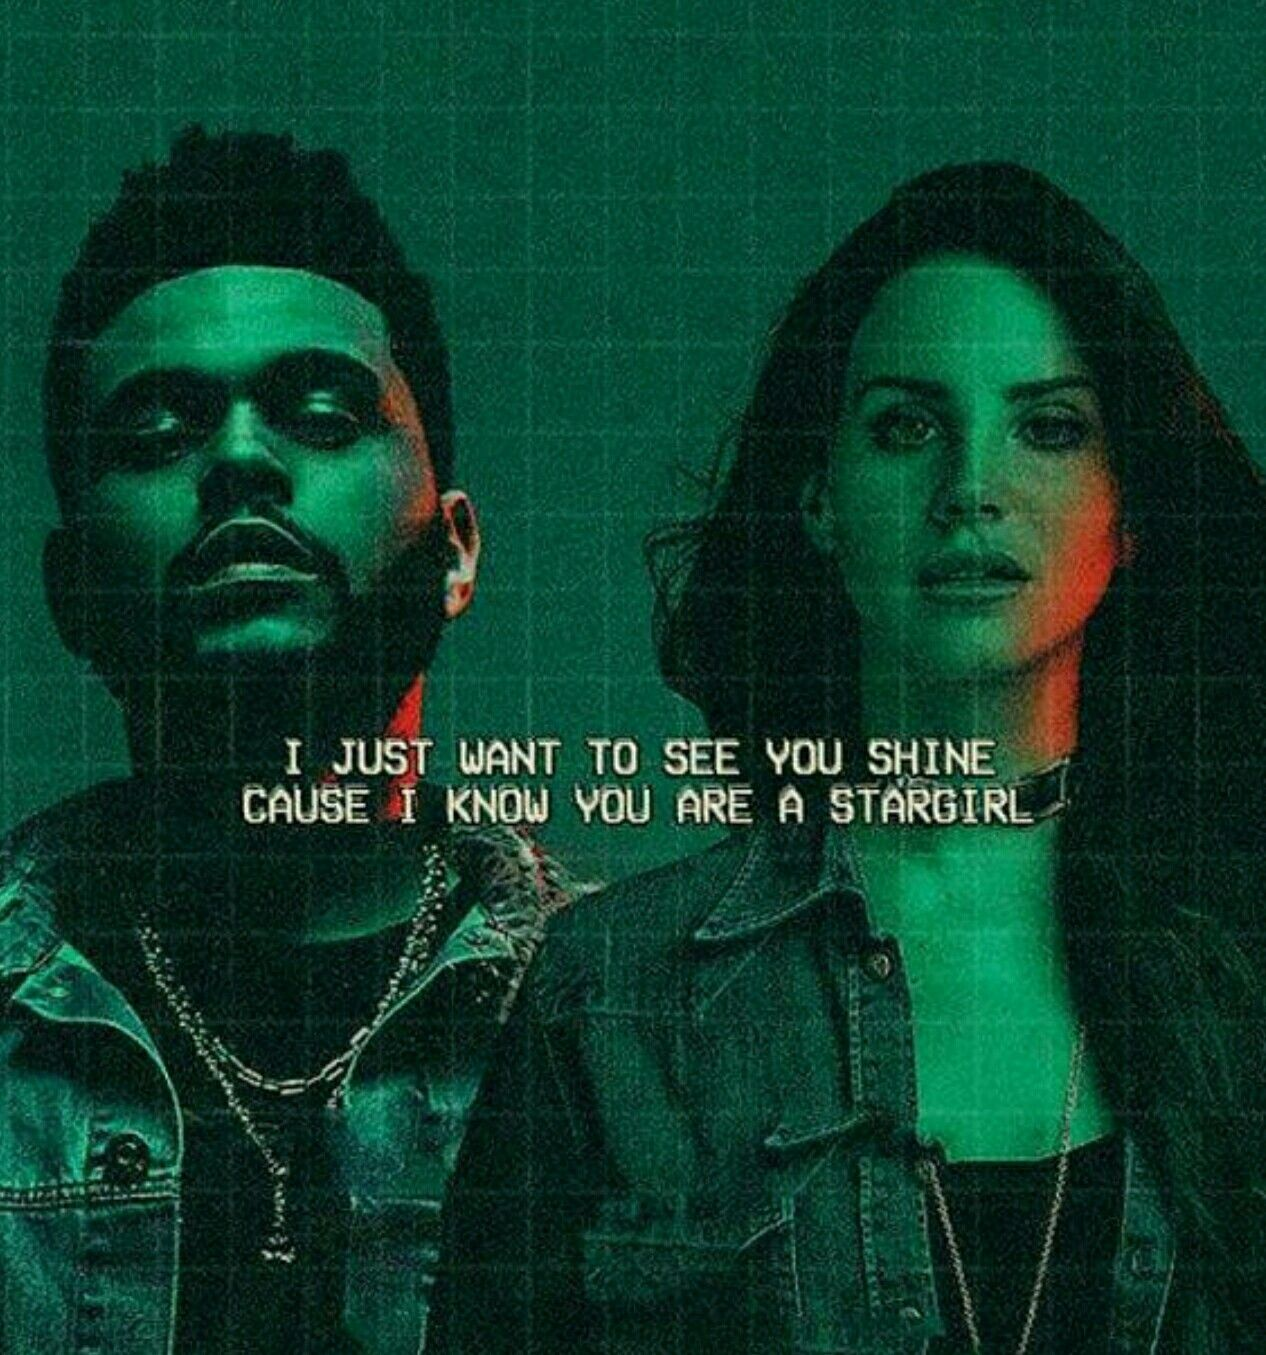 Stargirl lyrics